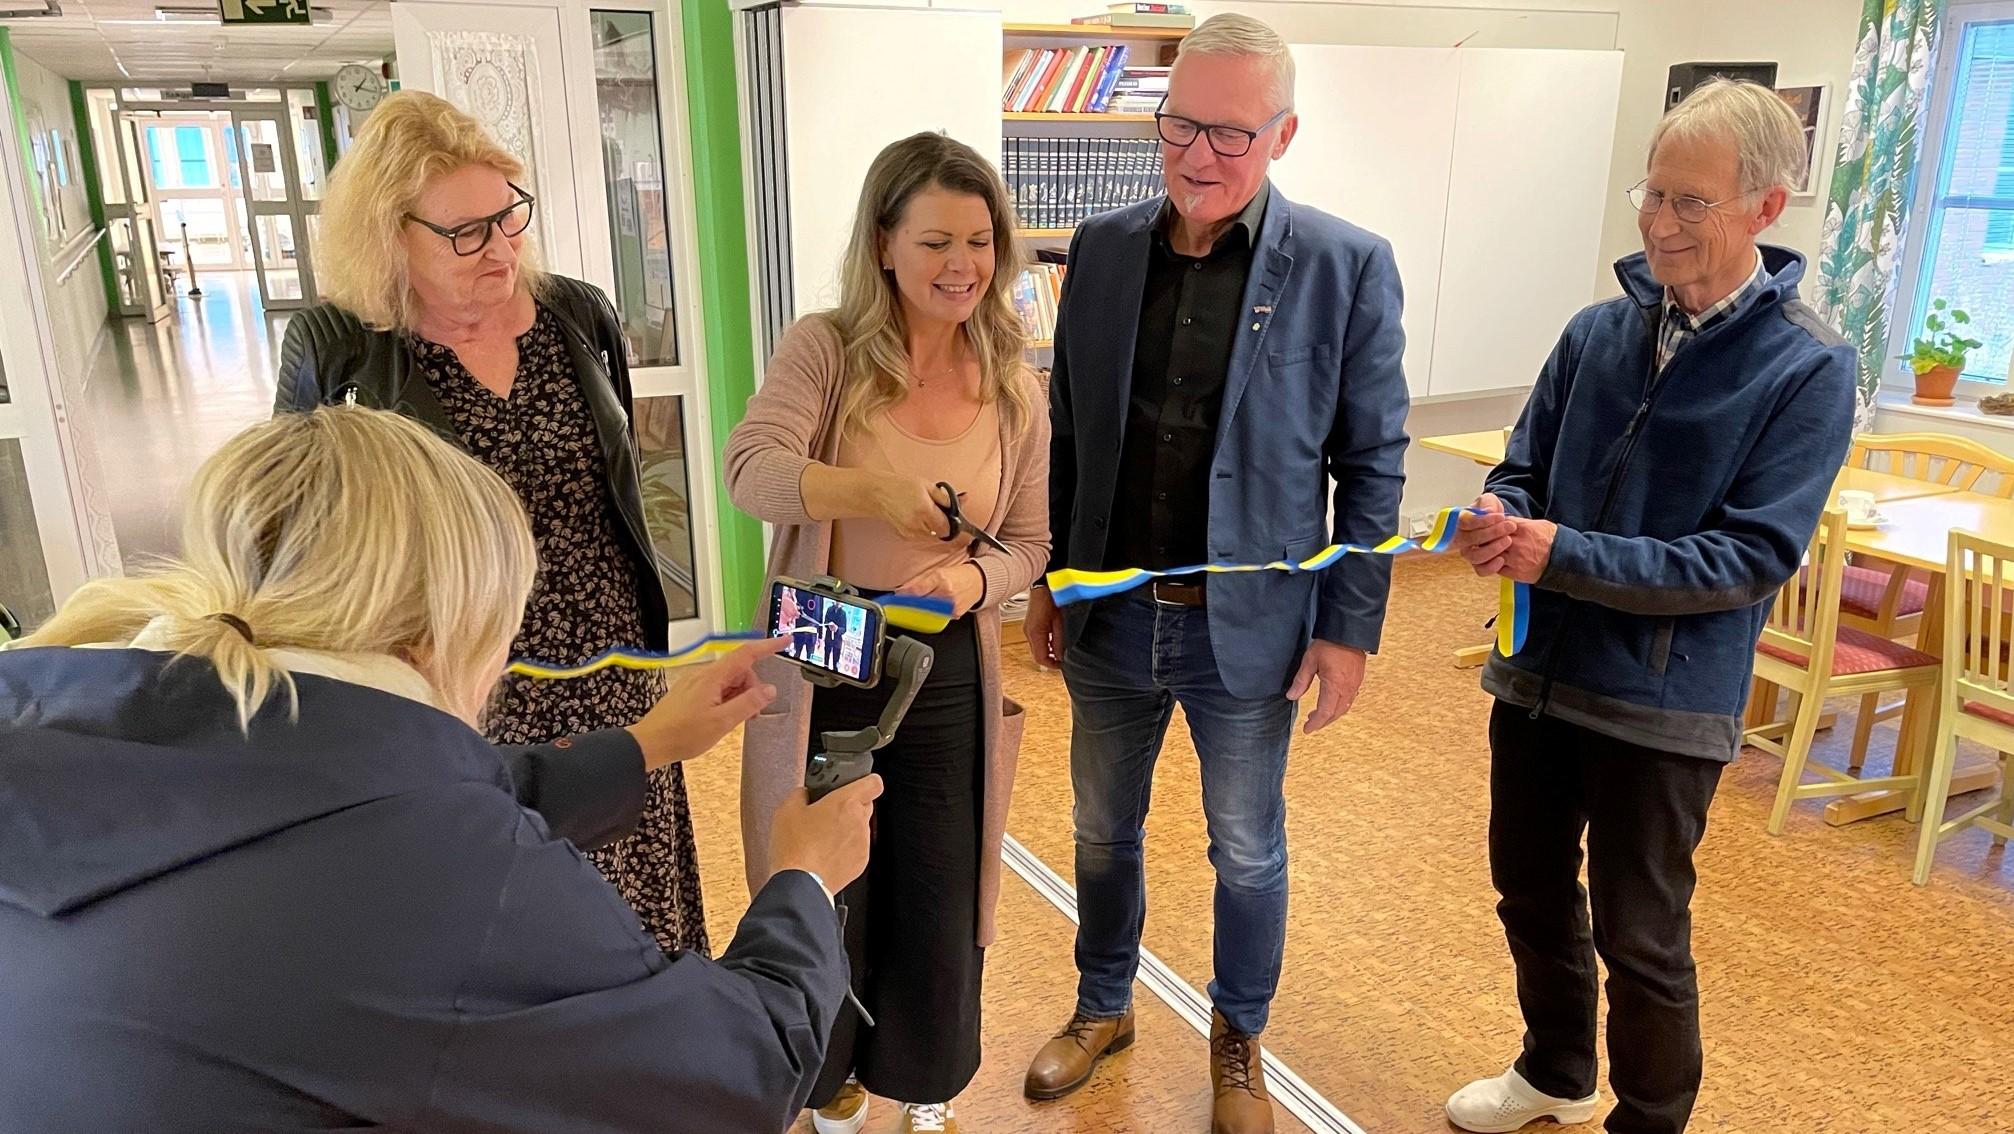 Lisbet Amnelius-Mörk (DSP), Sofia Jarl (C), Kjell Tenn (C),  Stig-Arne Wästerlund.